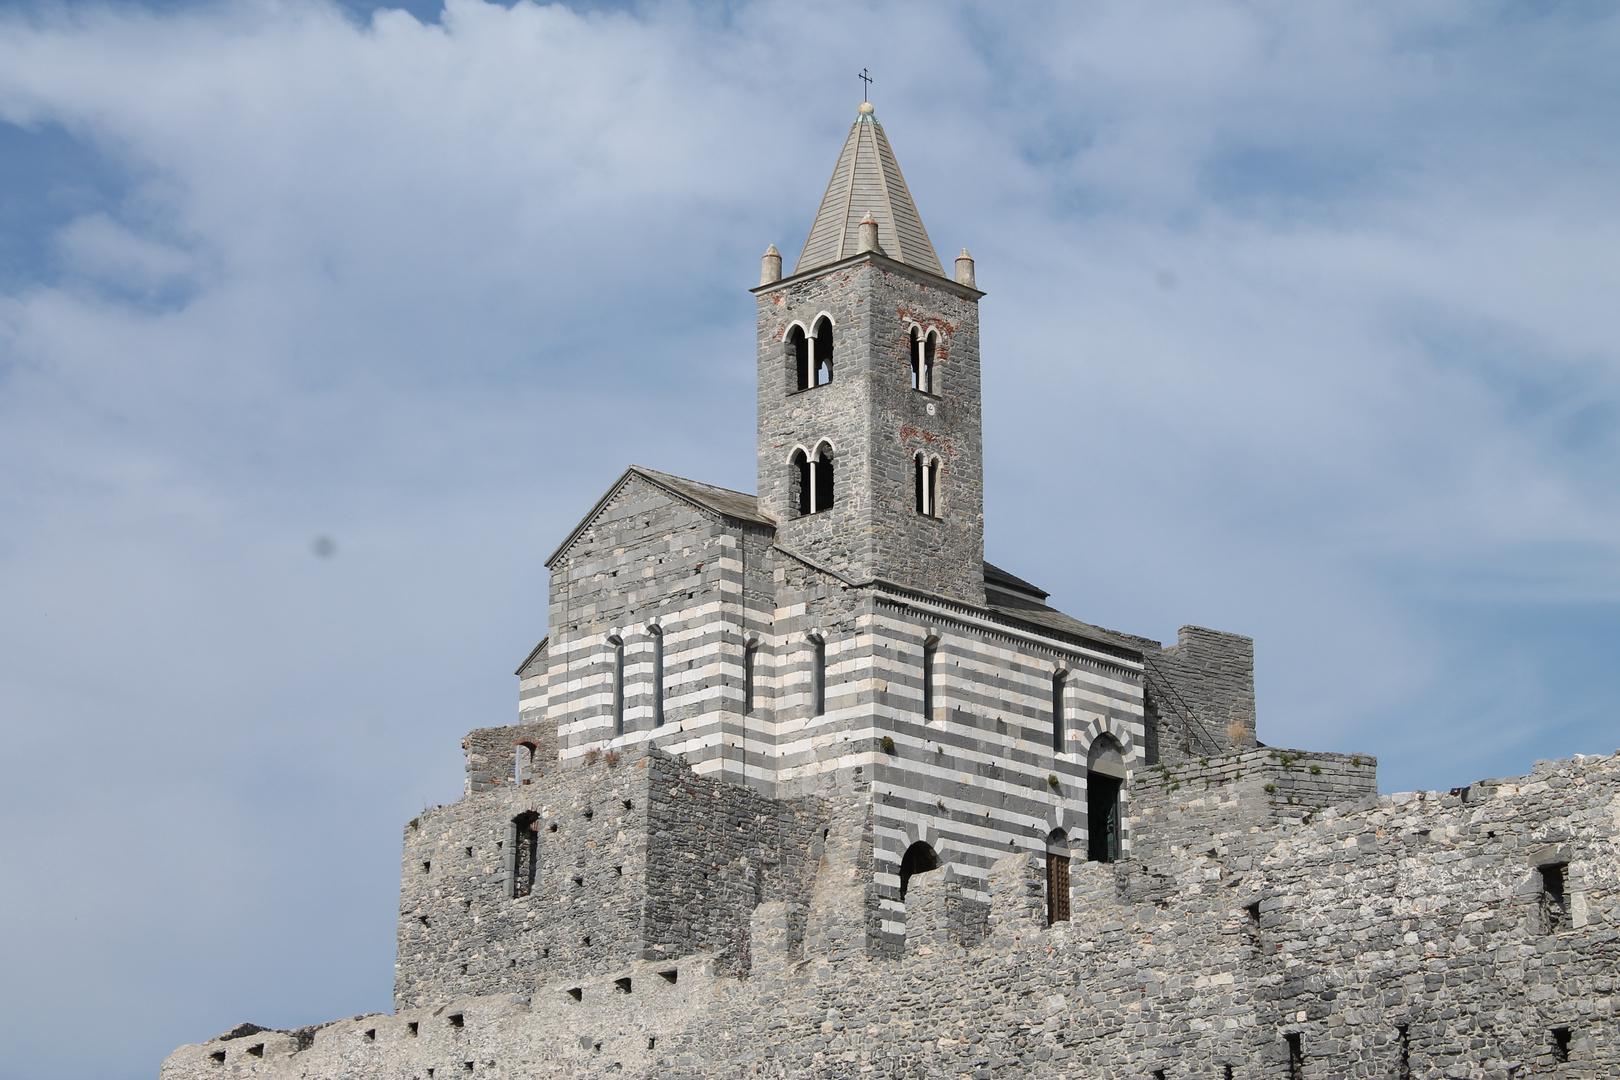 Church in Portovenere